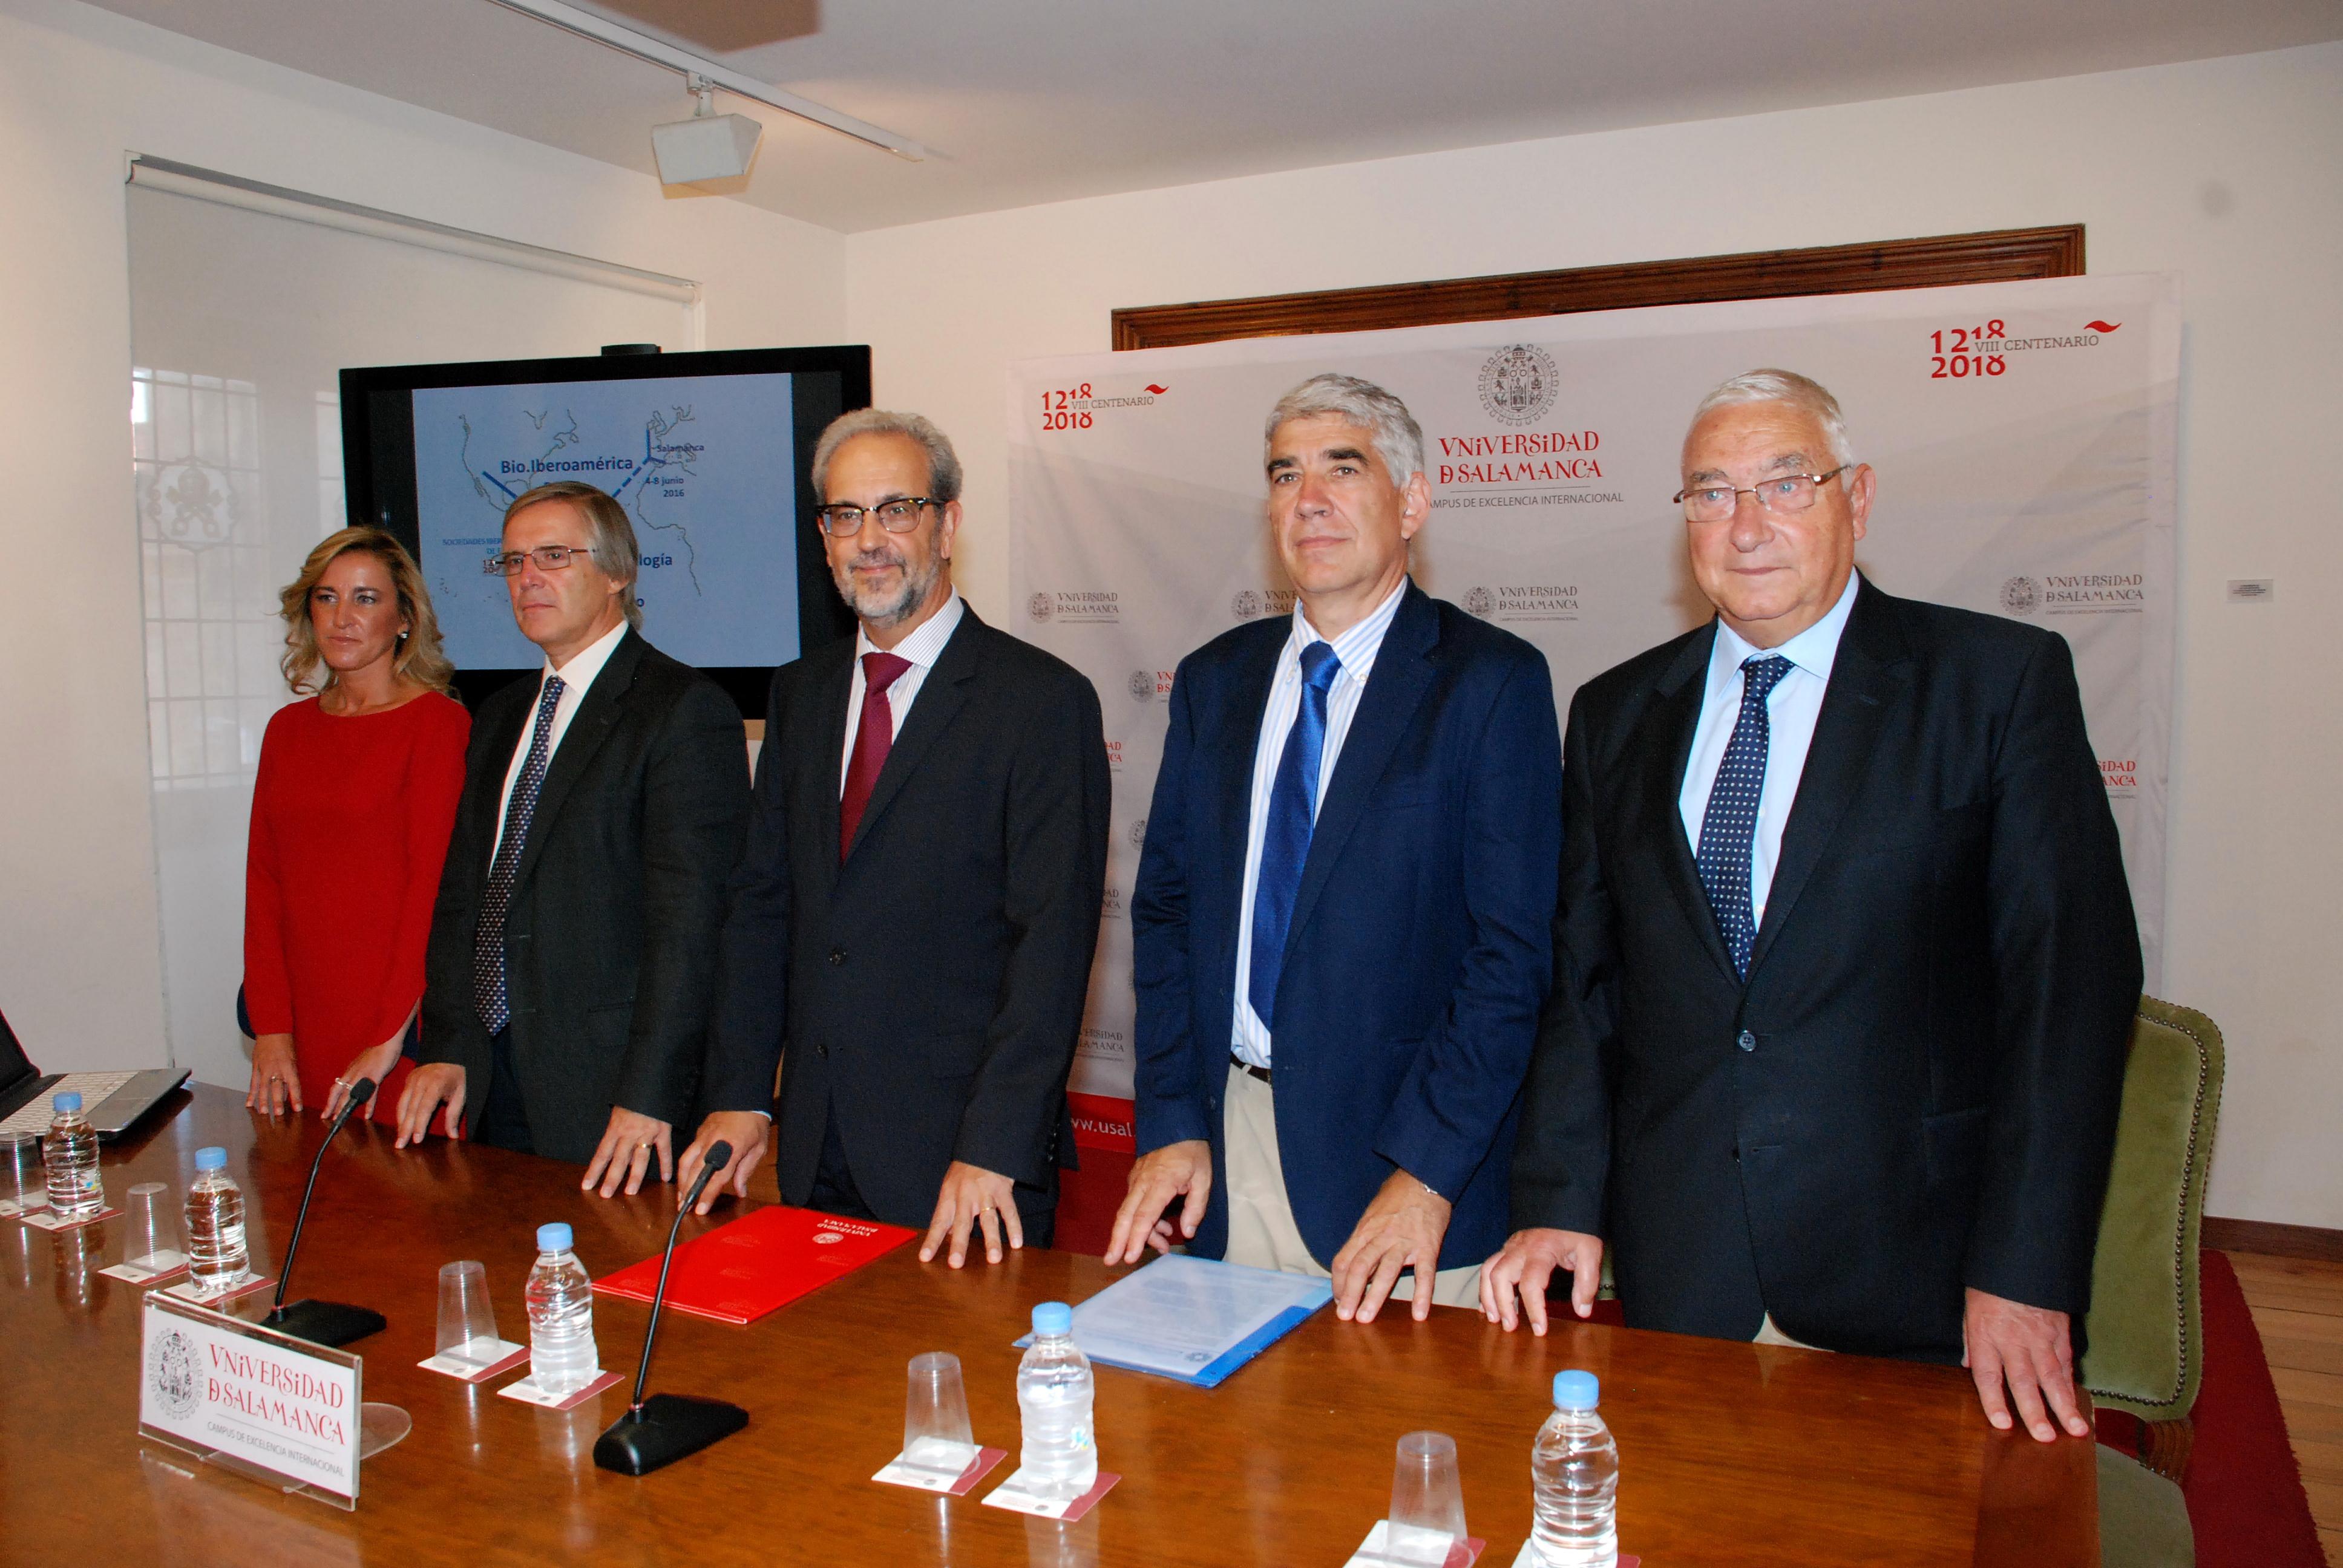 La Universidad de Salamanca acogerá en 2016 un congreso iberoamericano sobre biotecnología